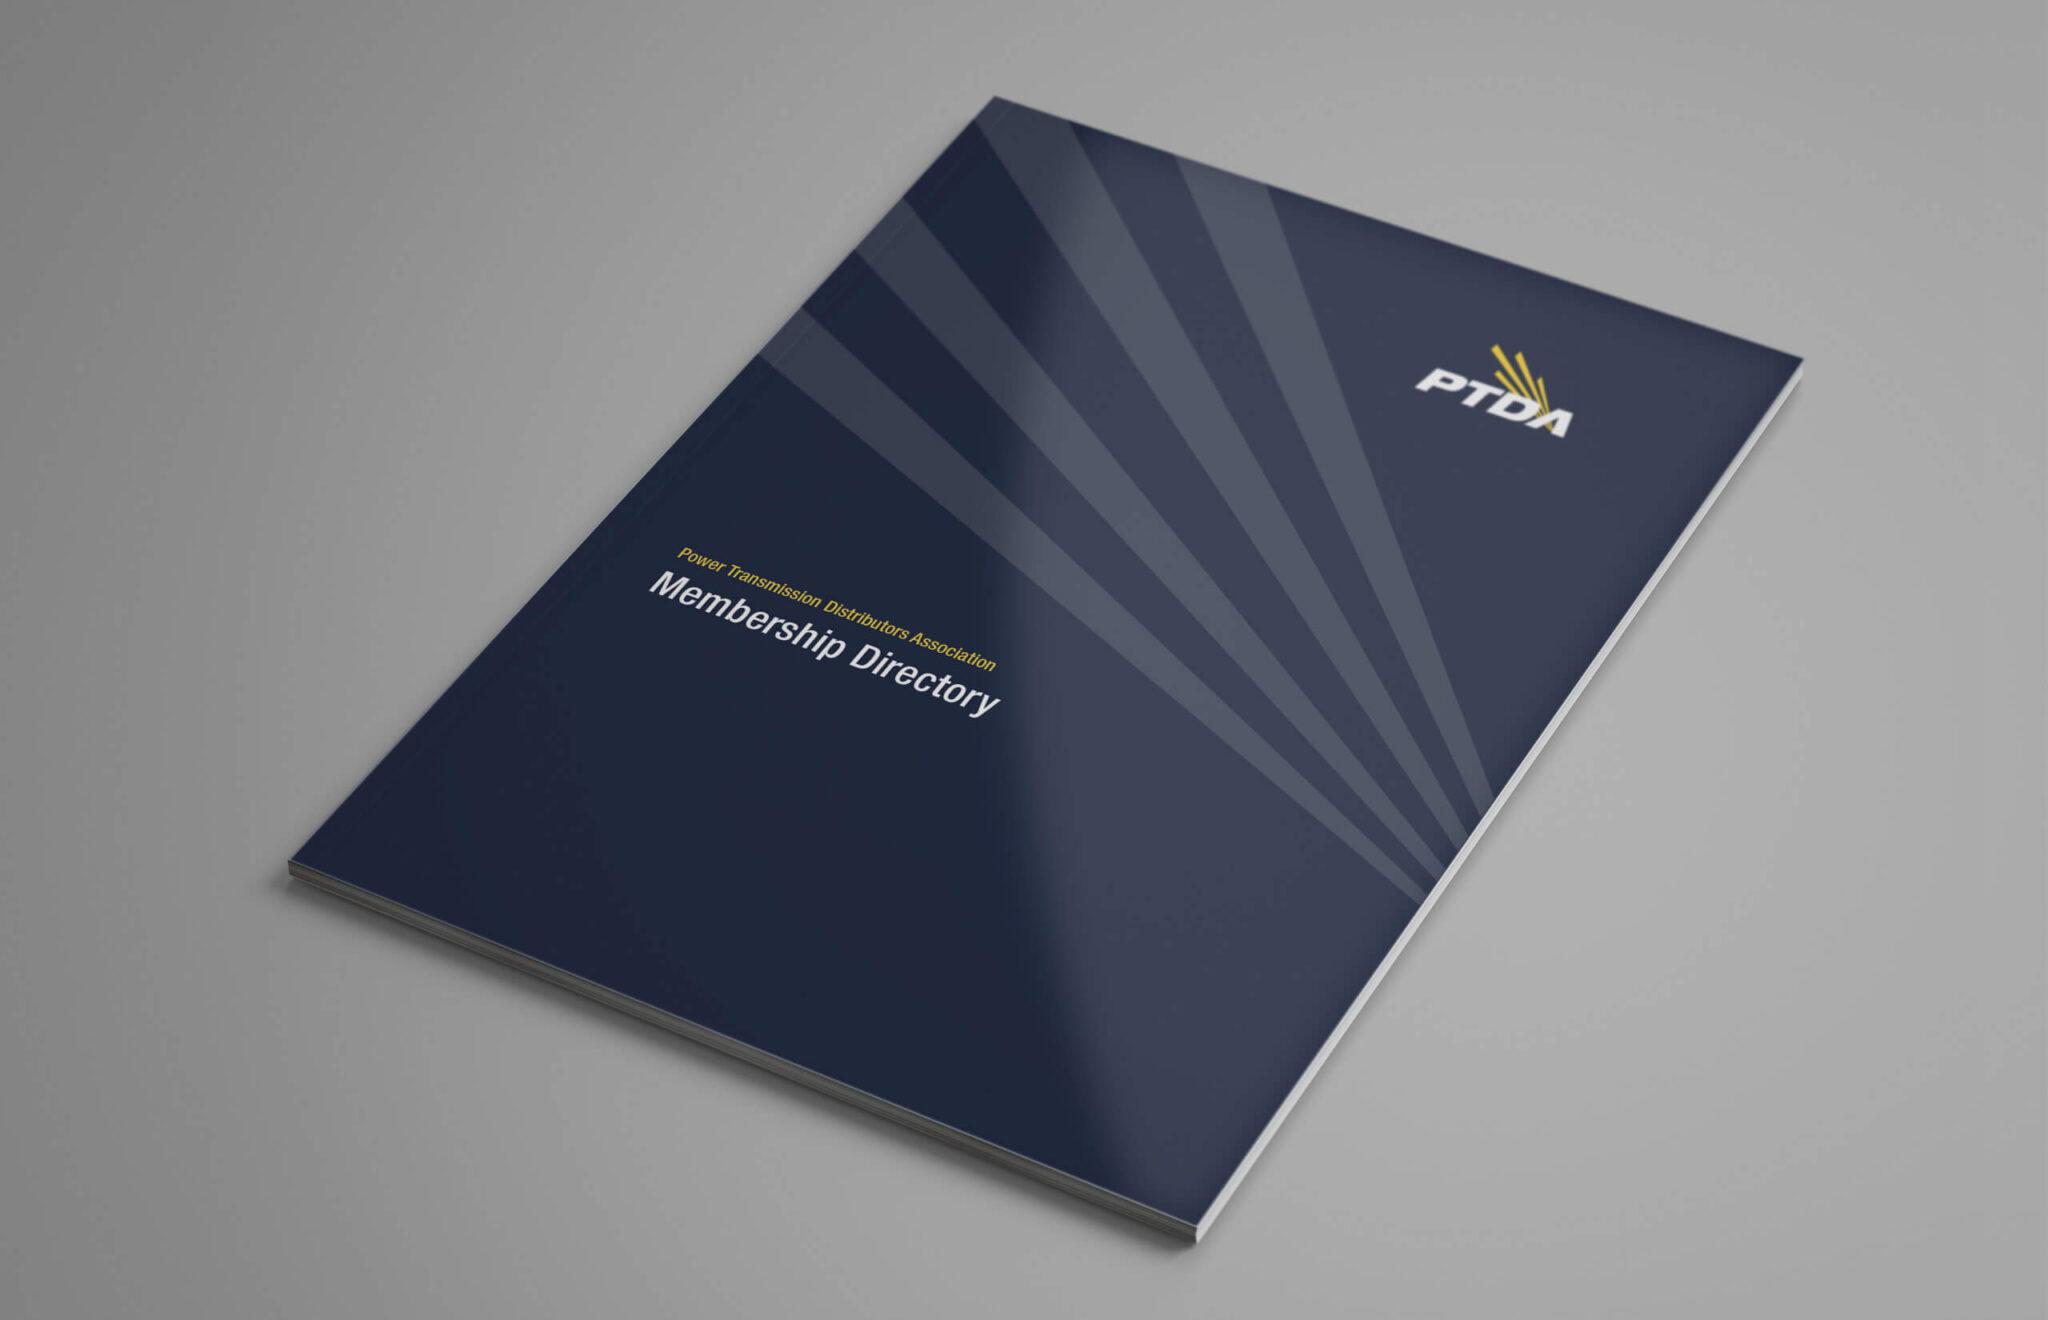 PTDA Membership Directory Cover